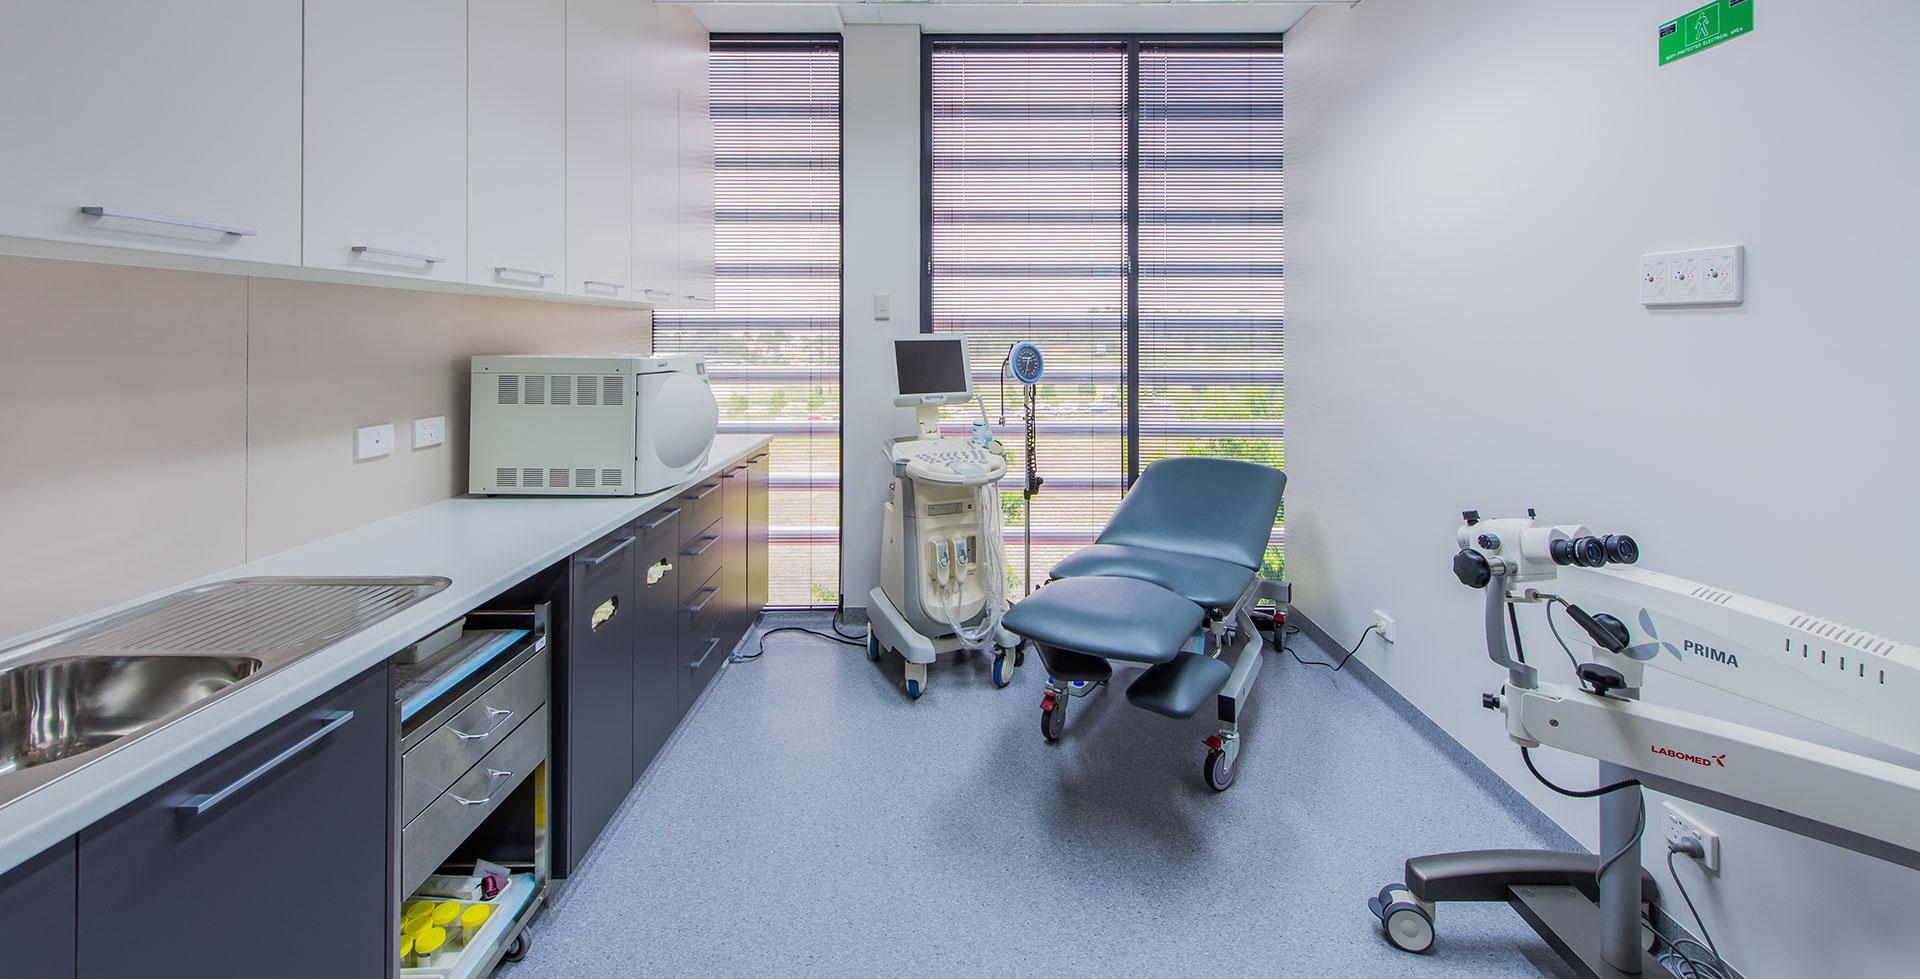 Dr Emeil Kamel clinic